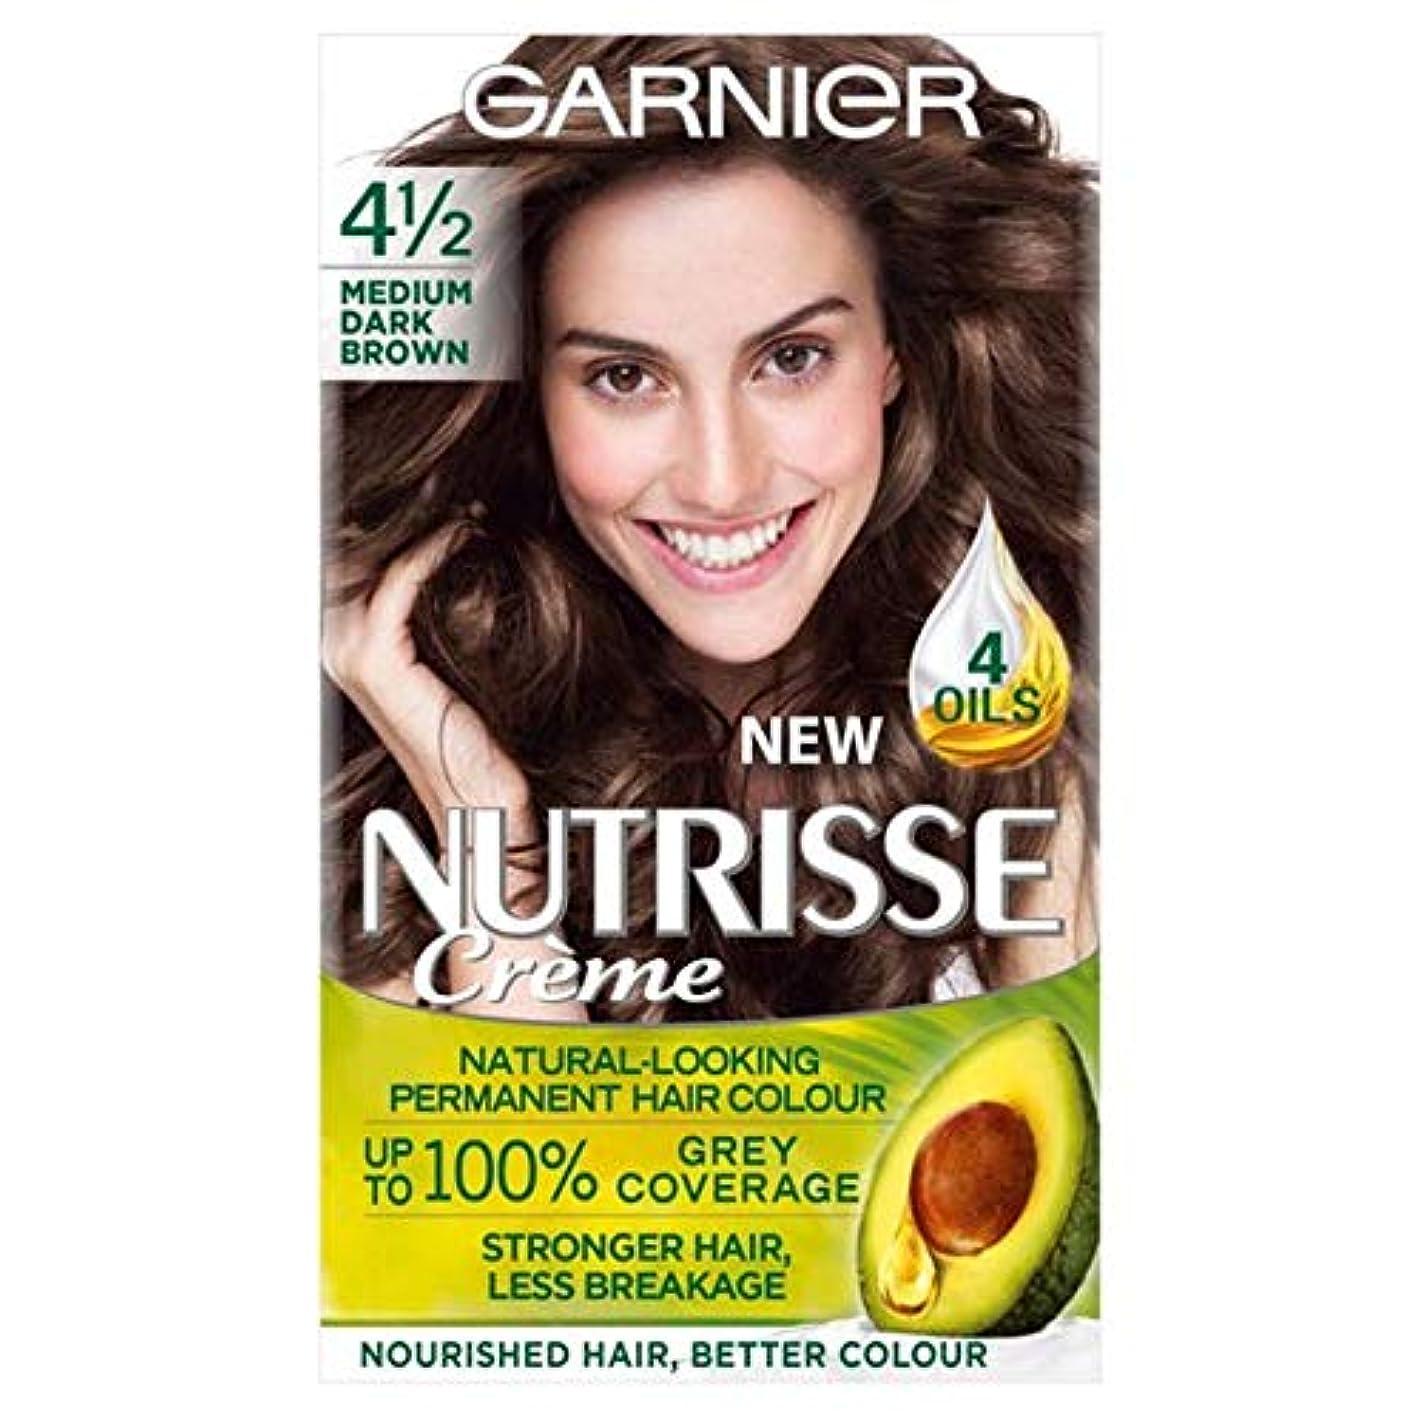 資産マーティンルーサーキングジュニア線形[Nutrisse] 4.12メディアD / Brwn永久染毛剤Nutrisseガルニエ - Garnier Nutrisse 4.12 Medium D/Brwn Permanent Hair Dye [並行輸入品]